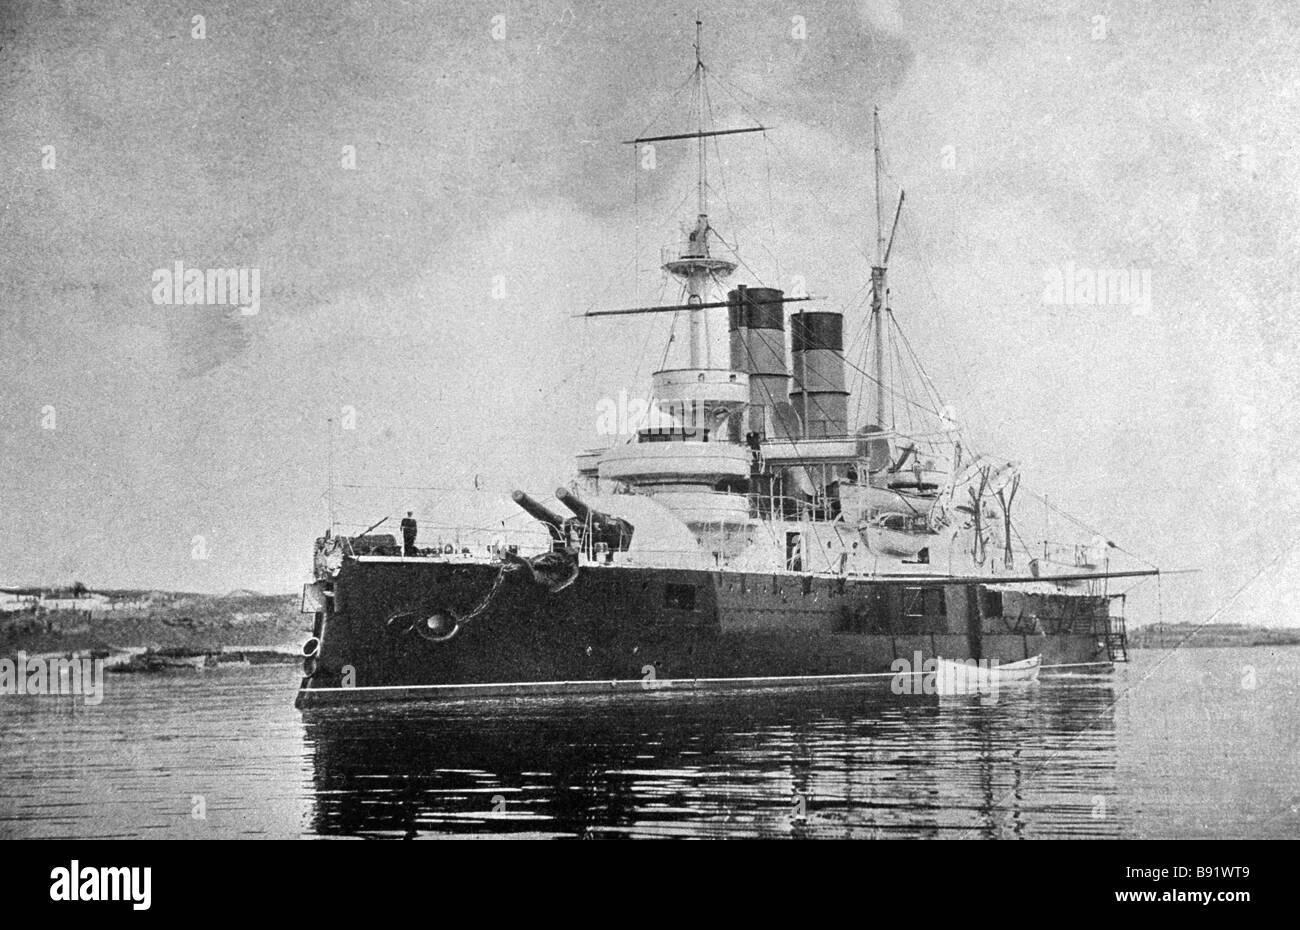 Schlachtschiff zwölf Apostel aus der Sammlung des historischen Museums Stockbild